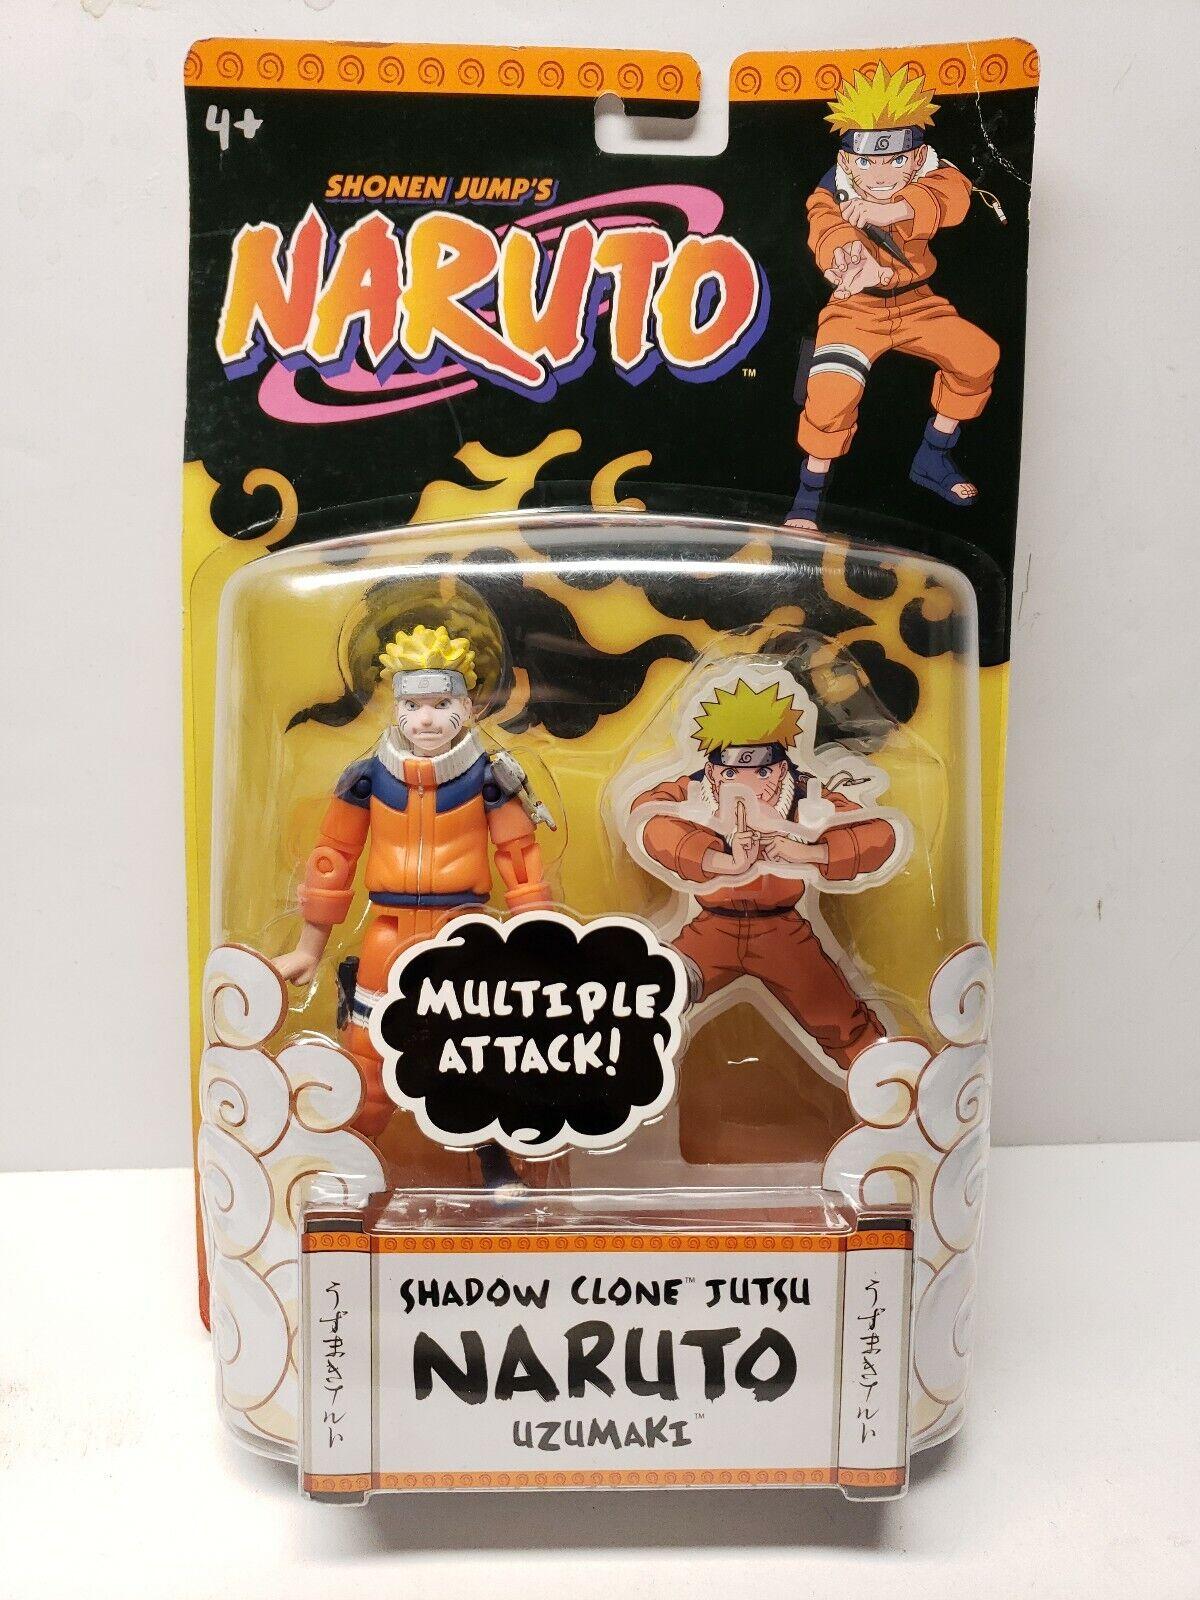 Naruto Naruto Naruto Shadow Clone Jutsu Uzumaki Action Figure New & Unopened dde329